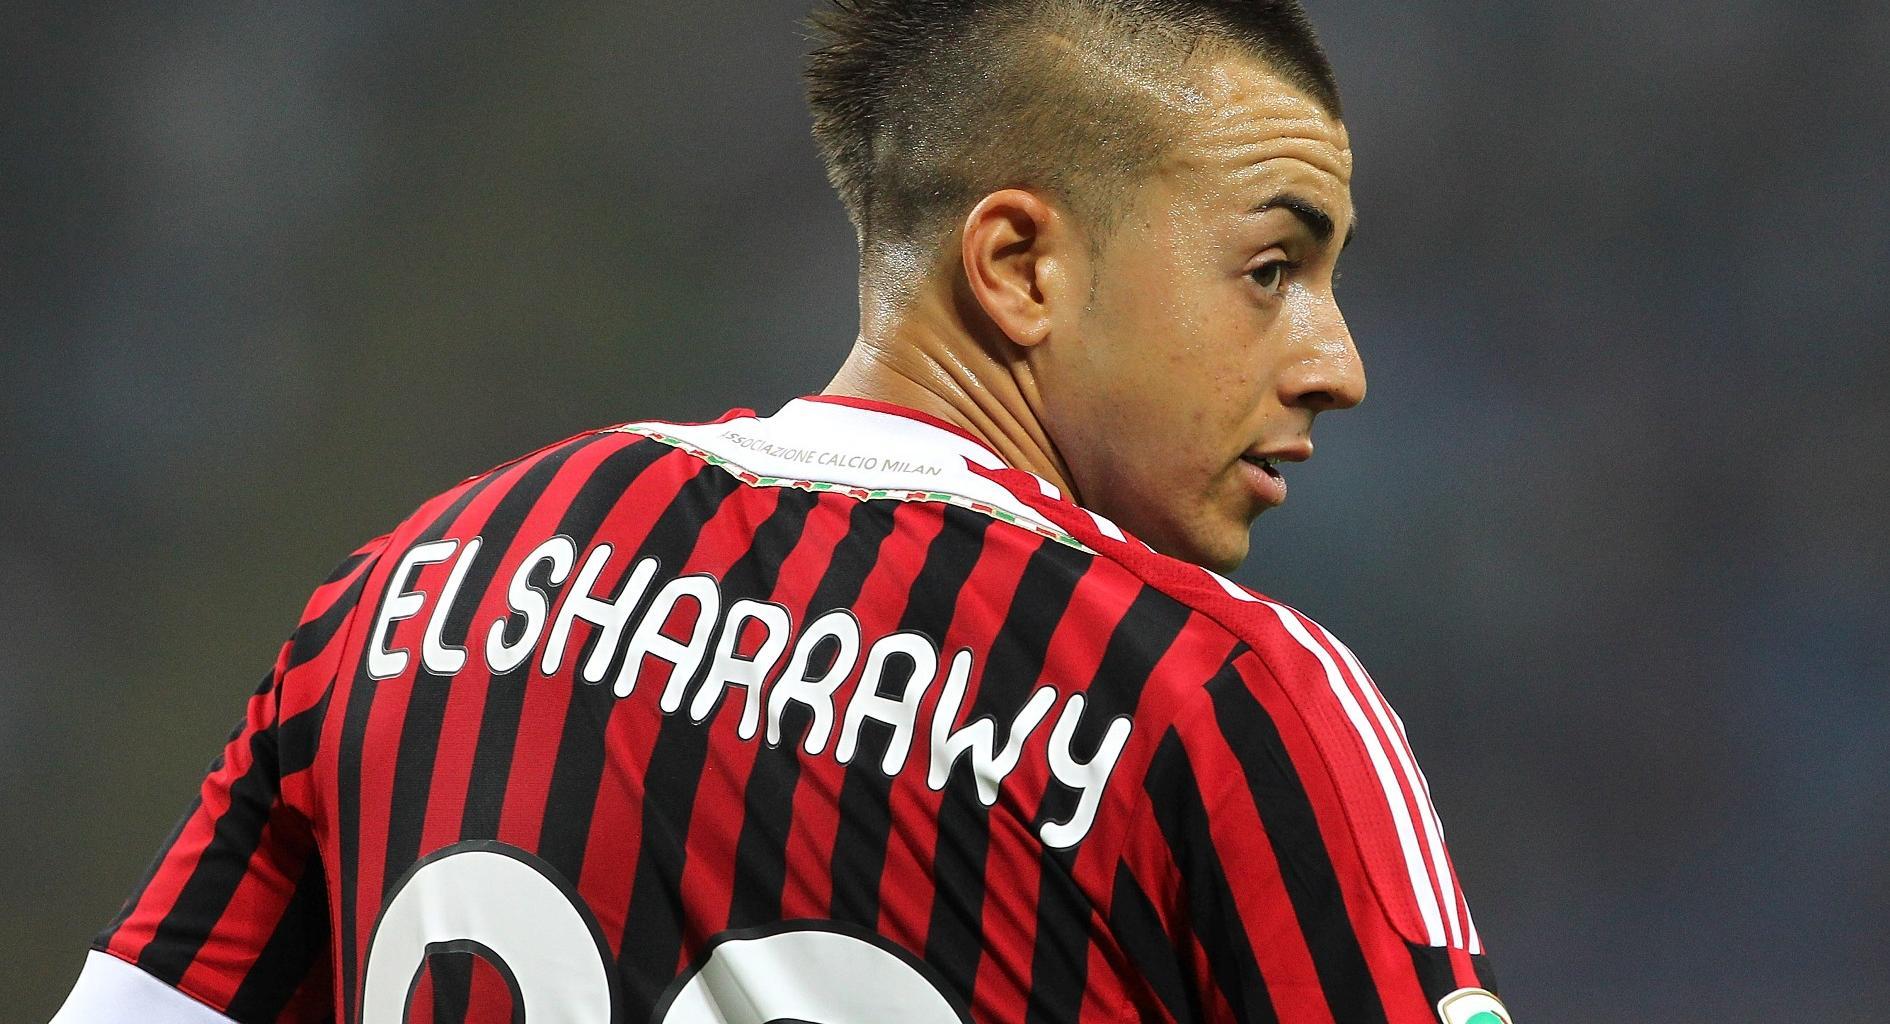 Milan: El Shaarawy lavora con il resto del gruppo